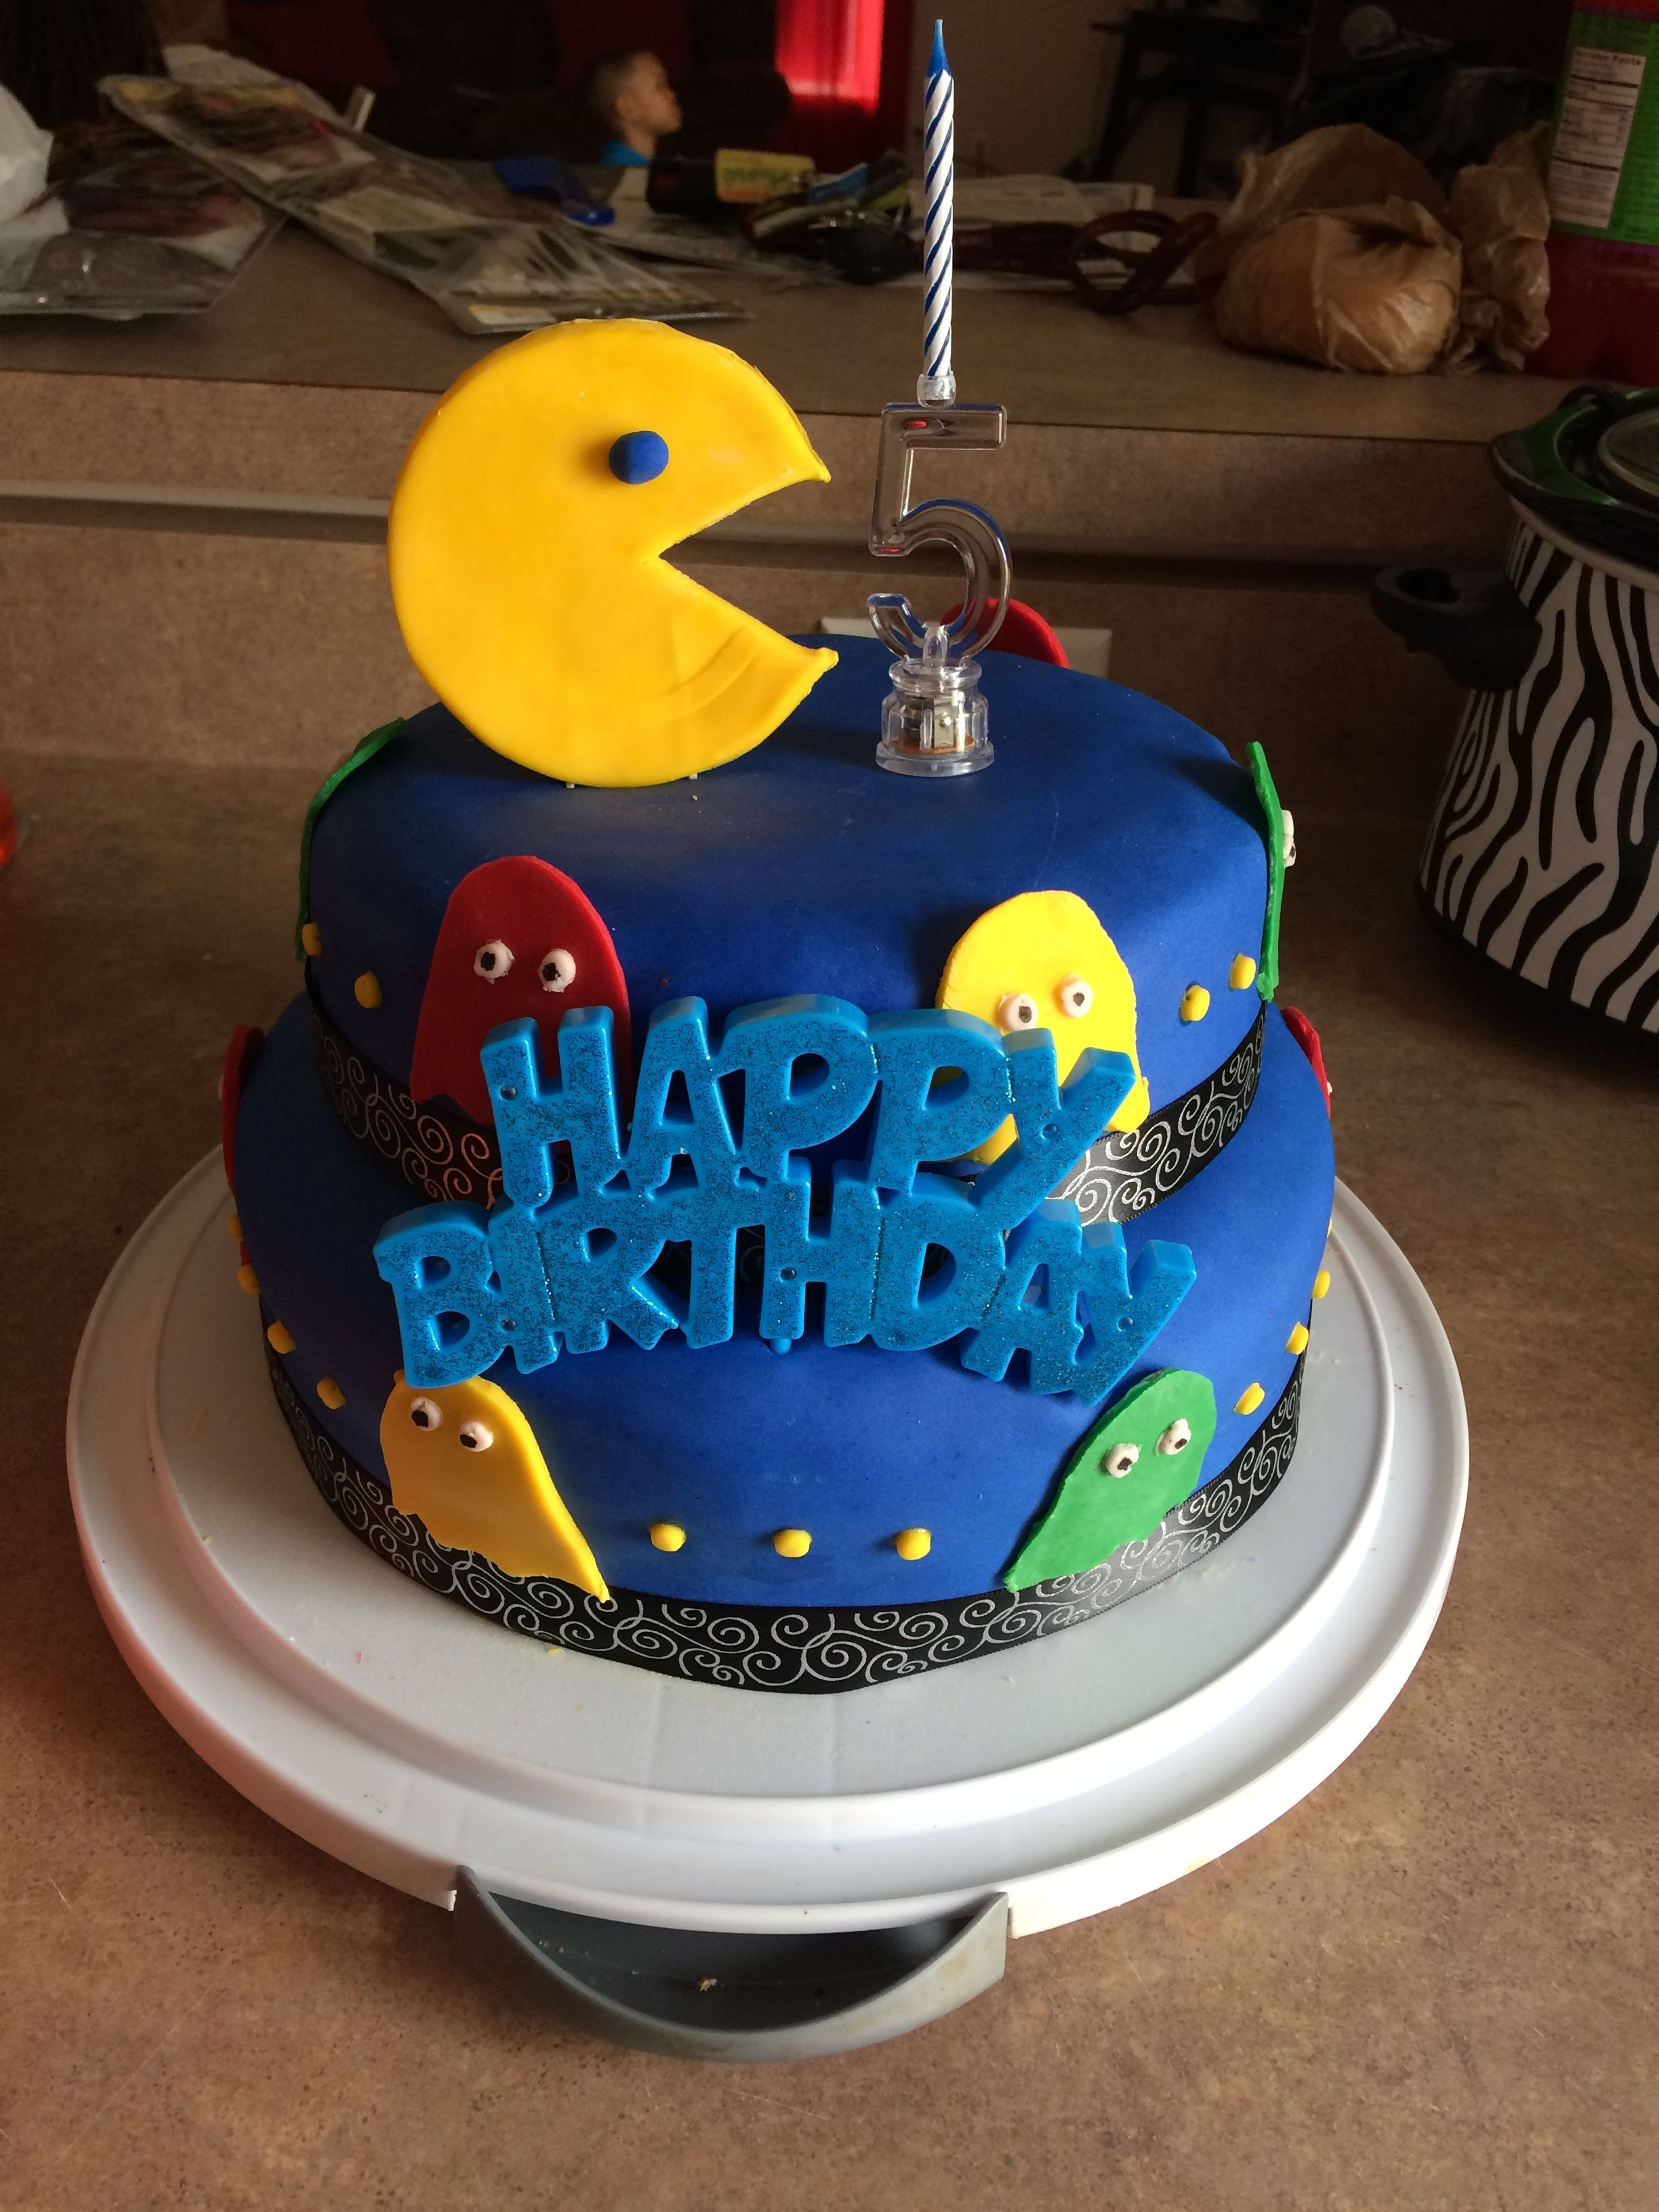 Homemade 5th Birthday Cake